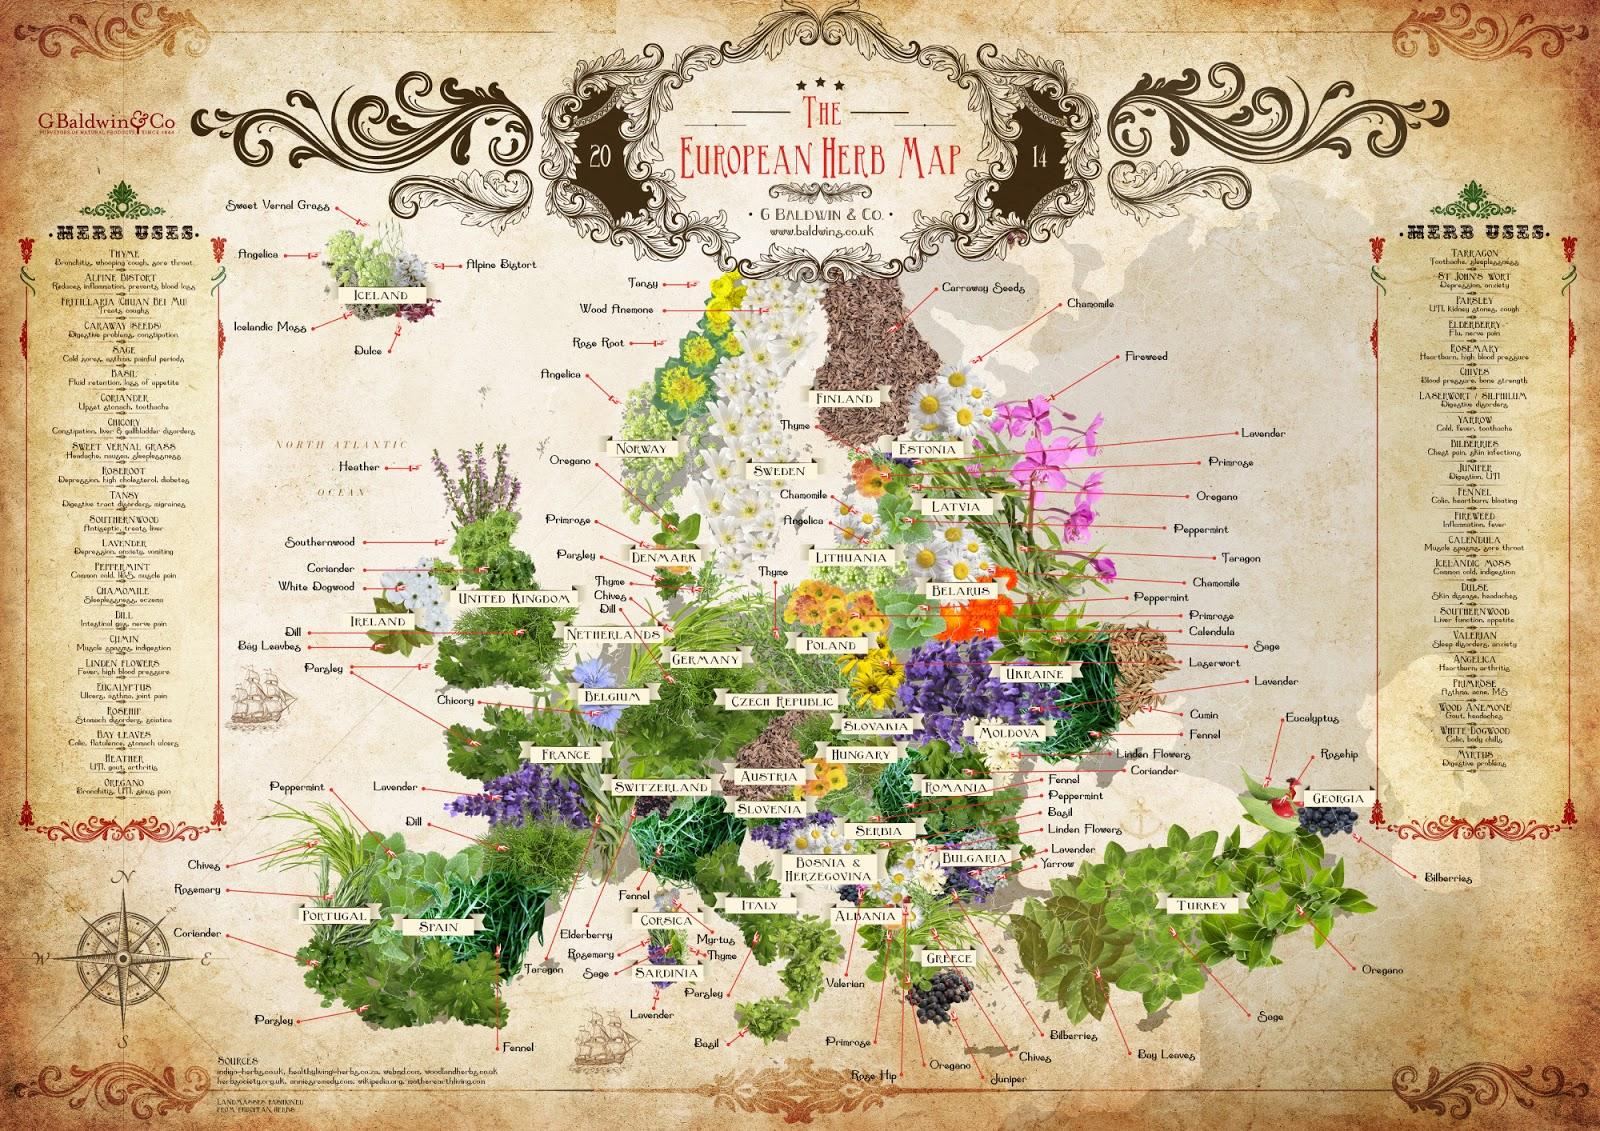 The European herb map